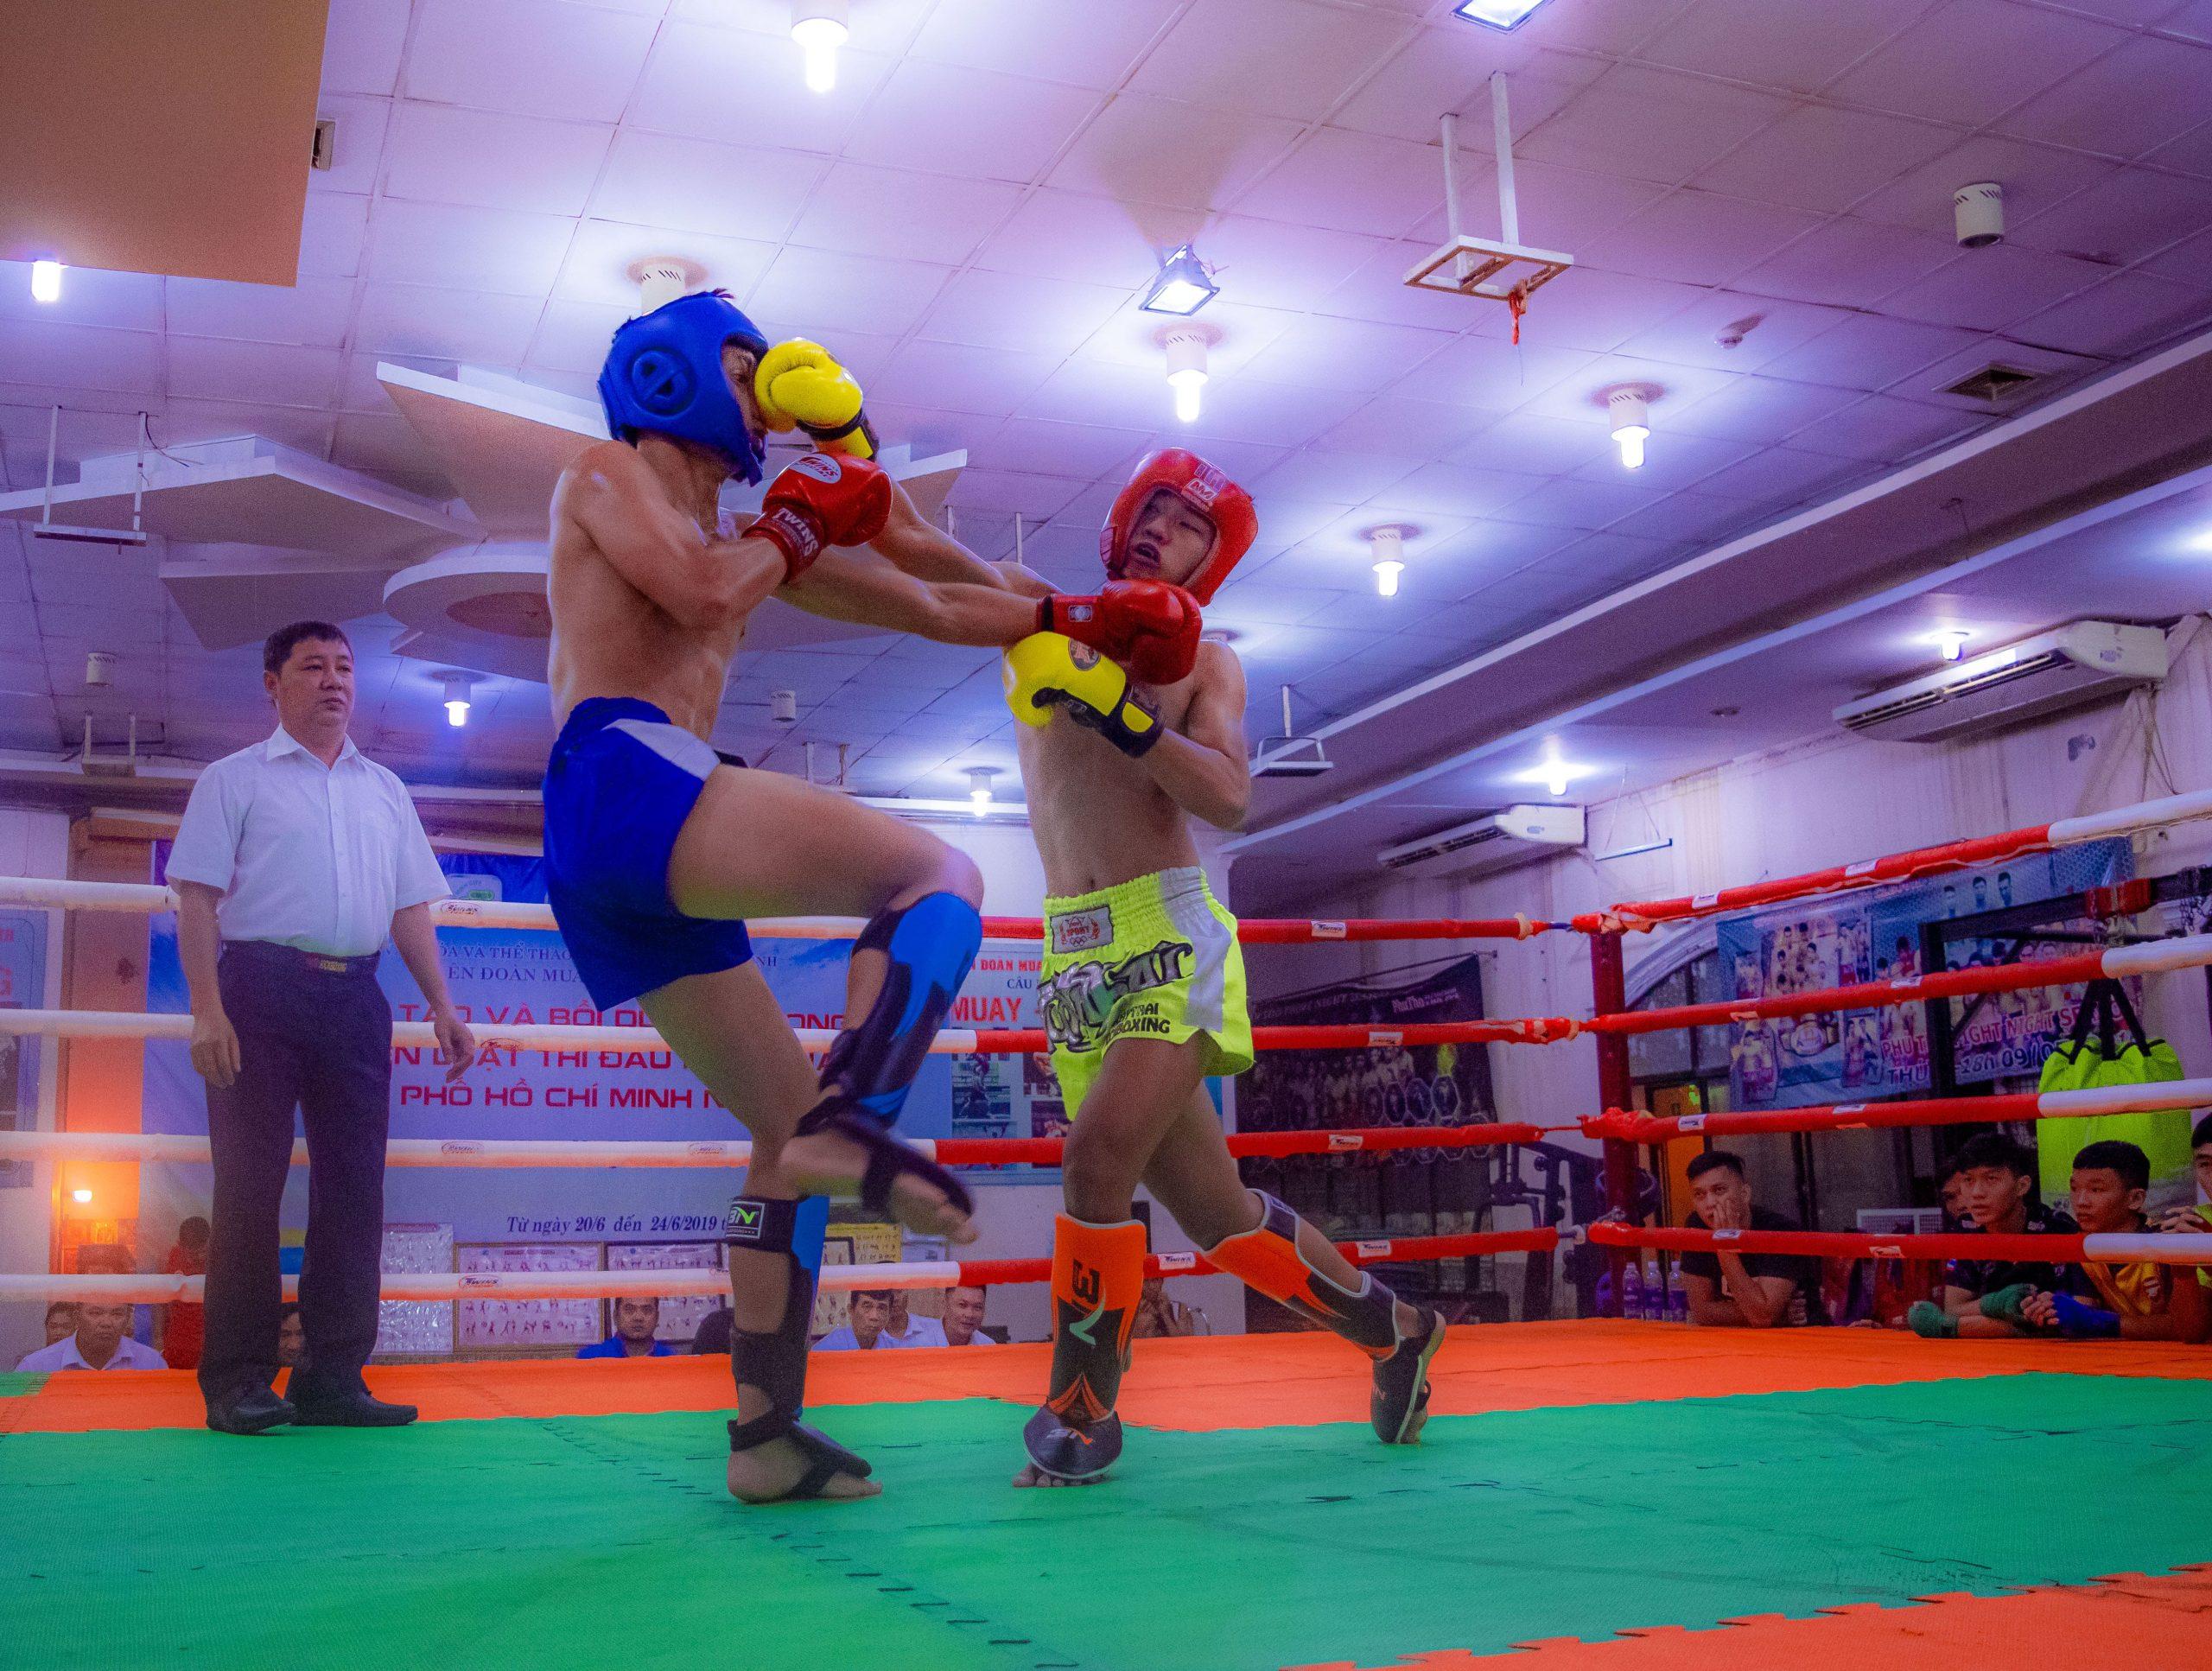 Giao Lưu Muay Kick Boxing Tp.Hồ Chí Minh